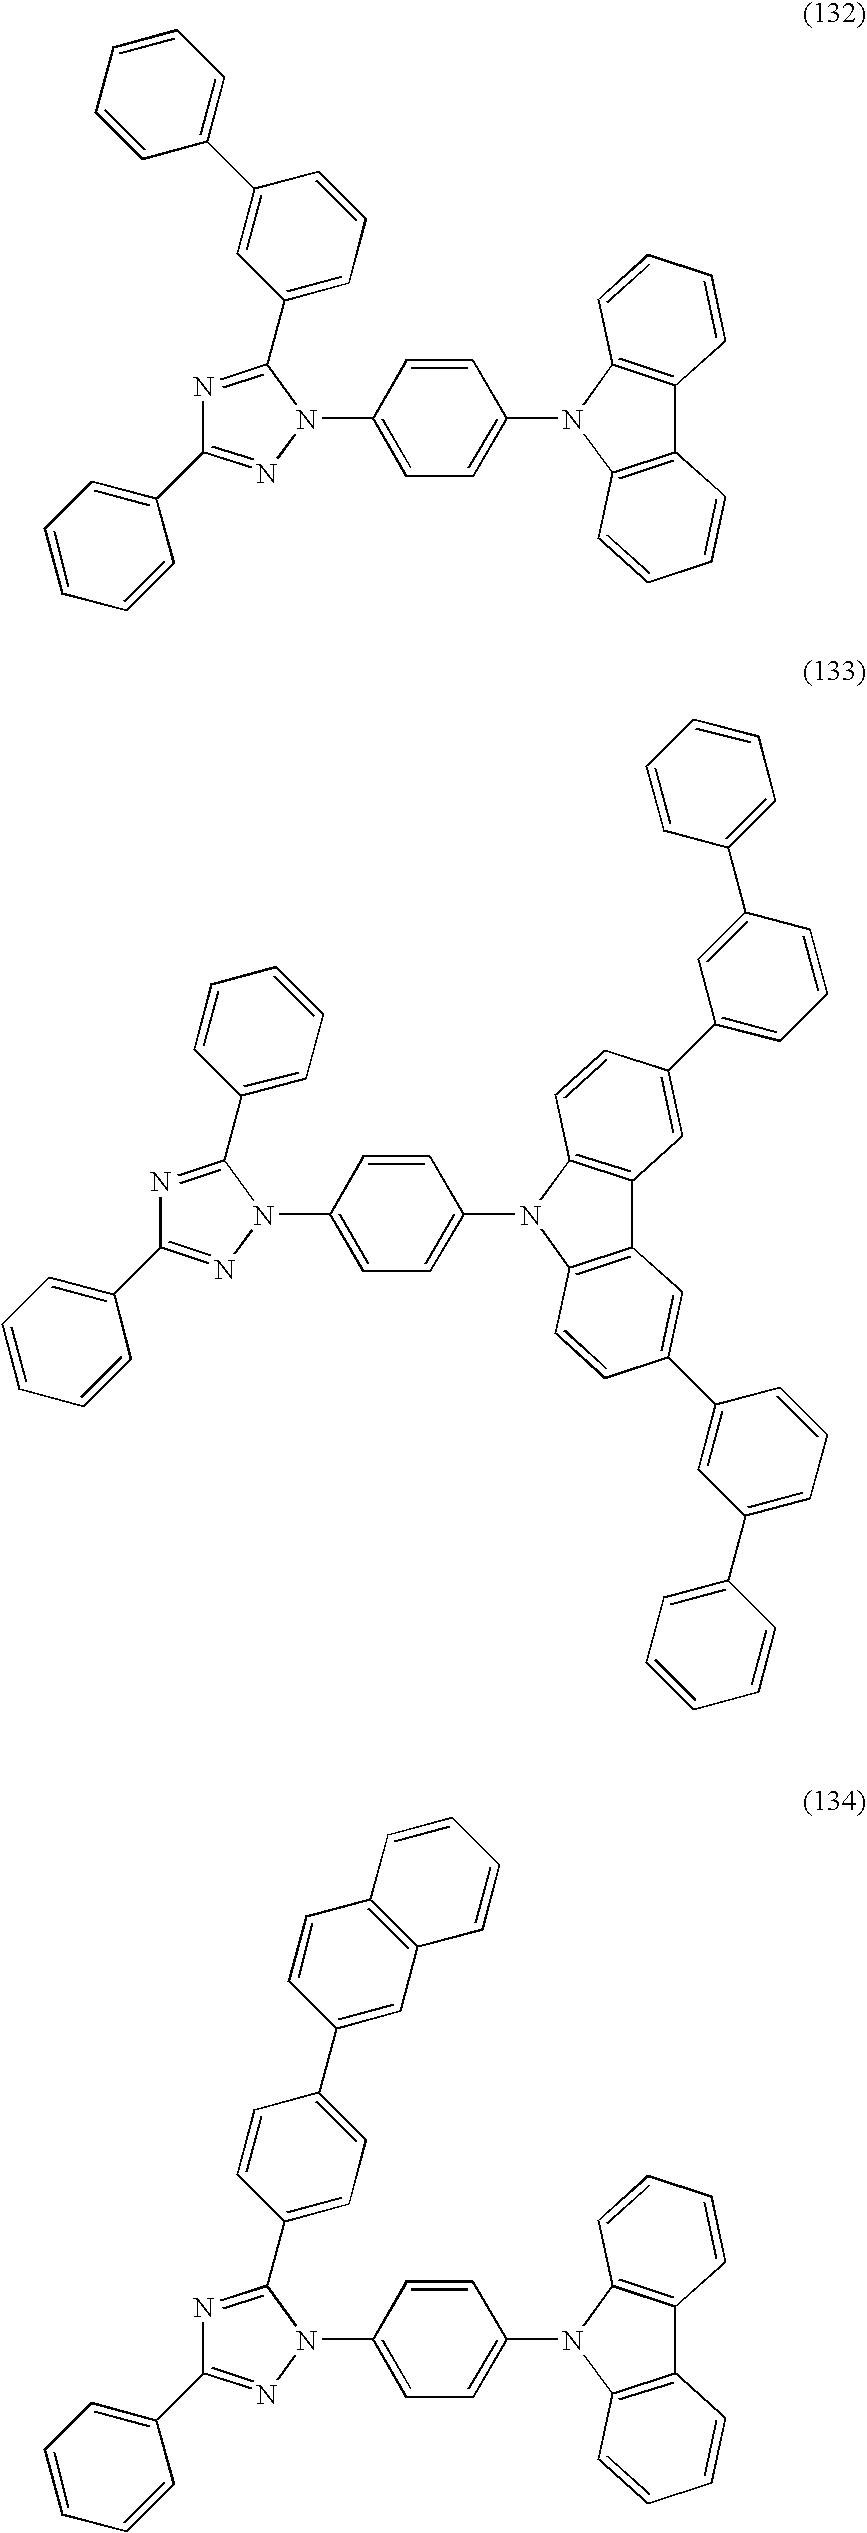 Figure US08551625-20131008-C00054